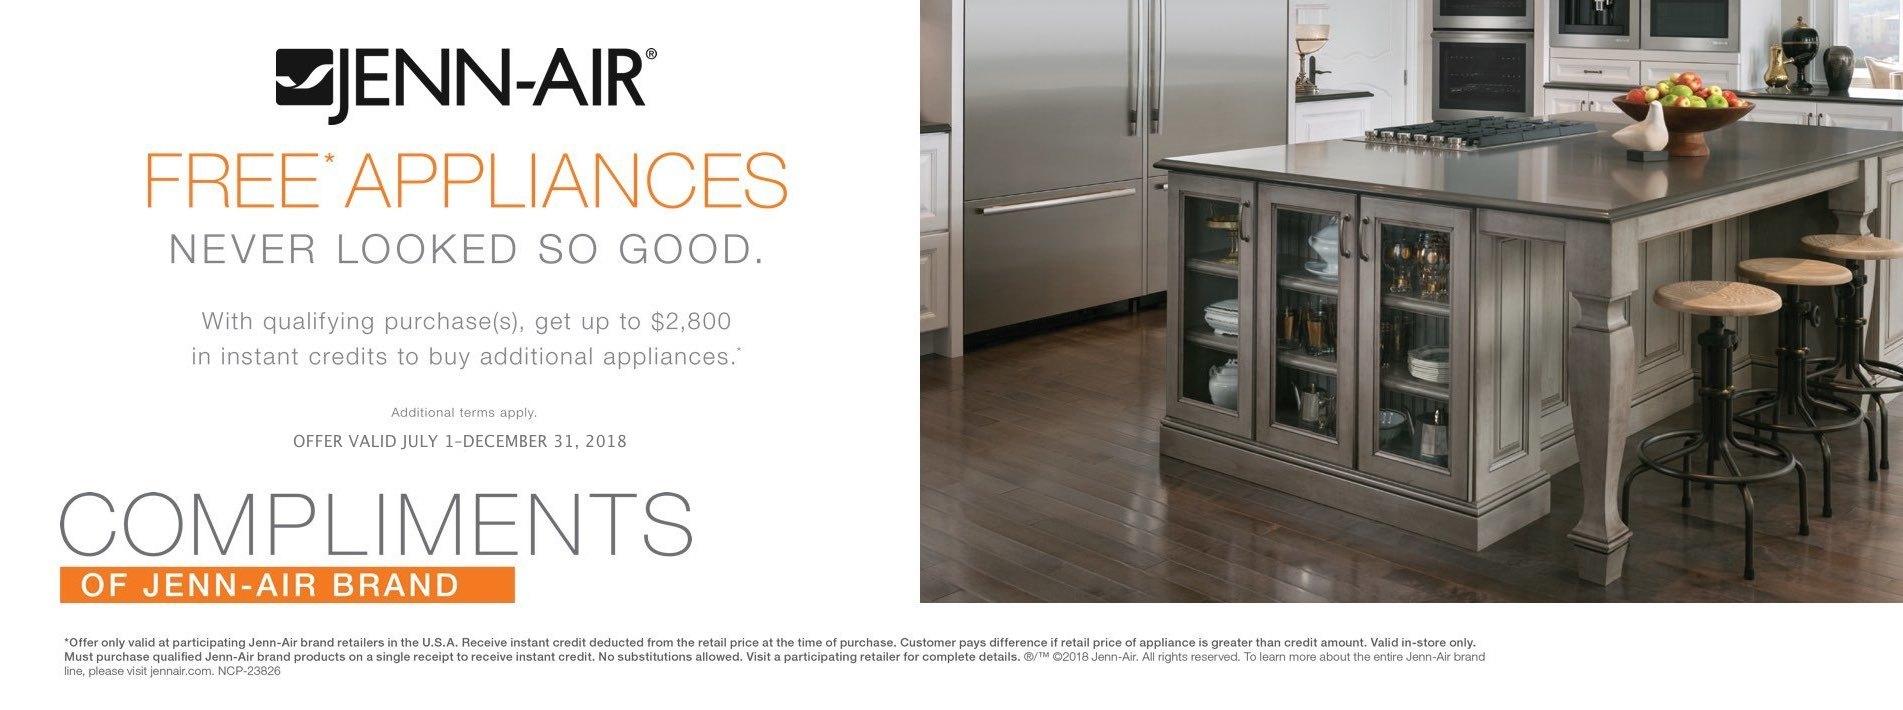 Jenn-Air Free Appliances